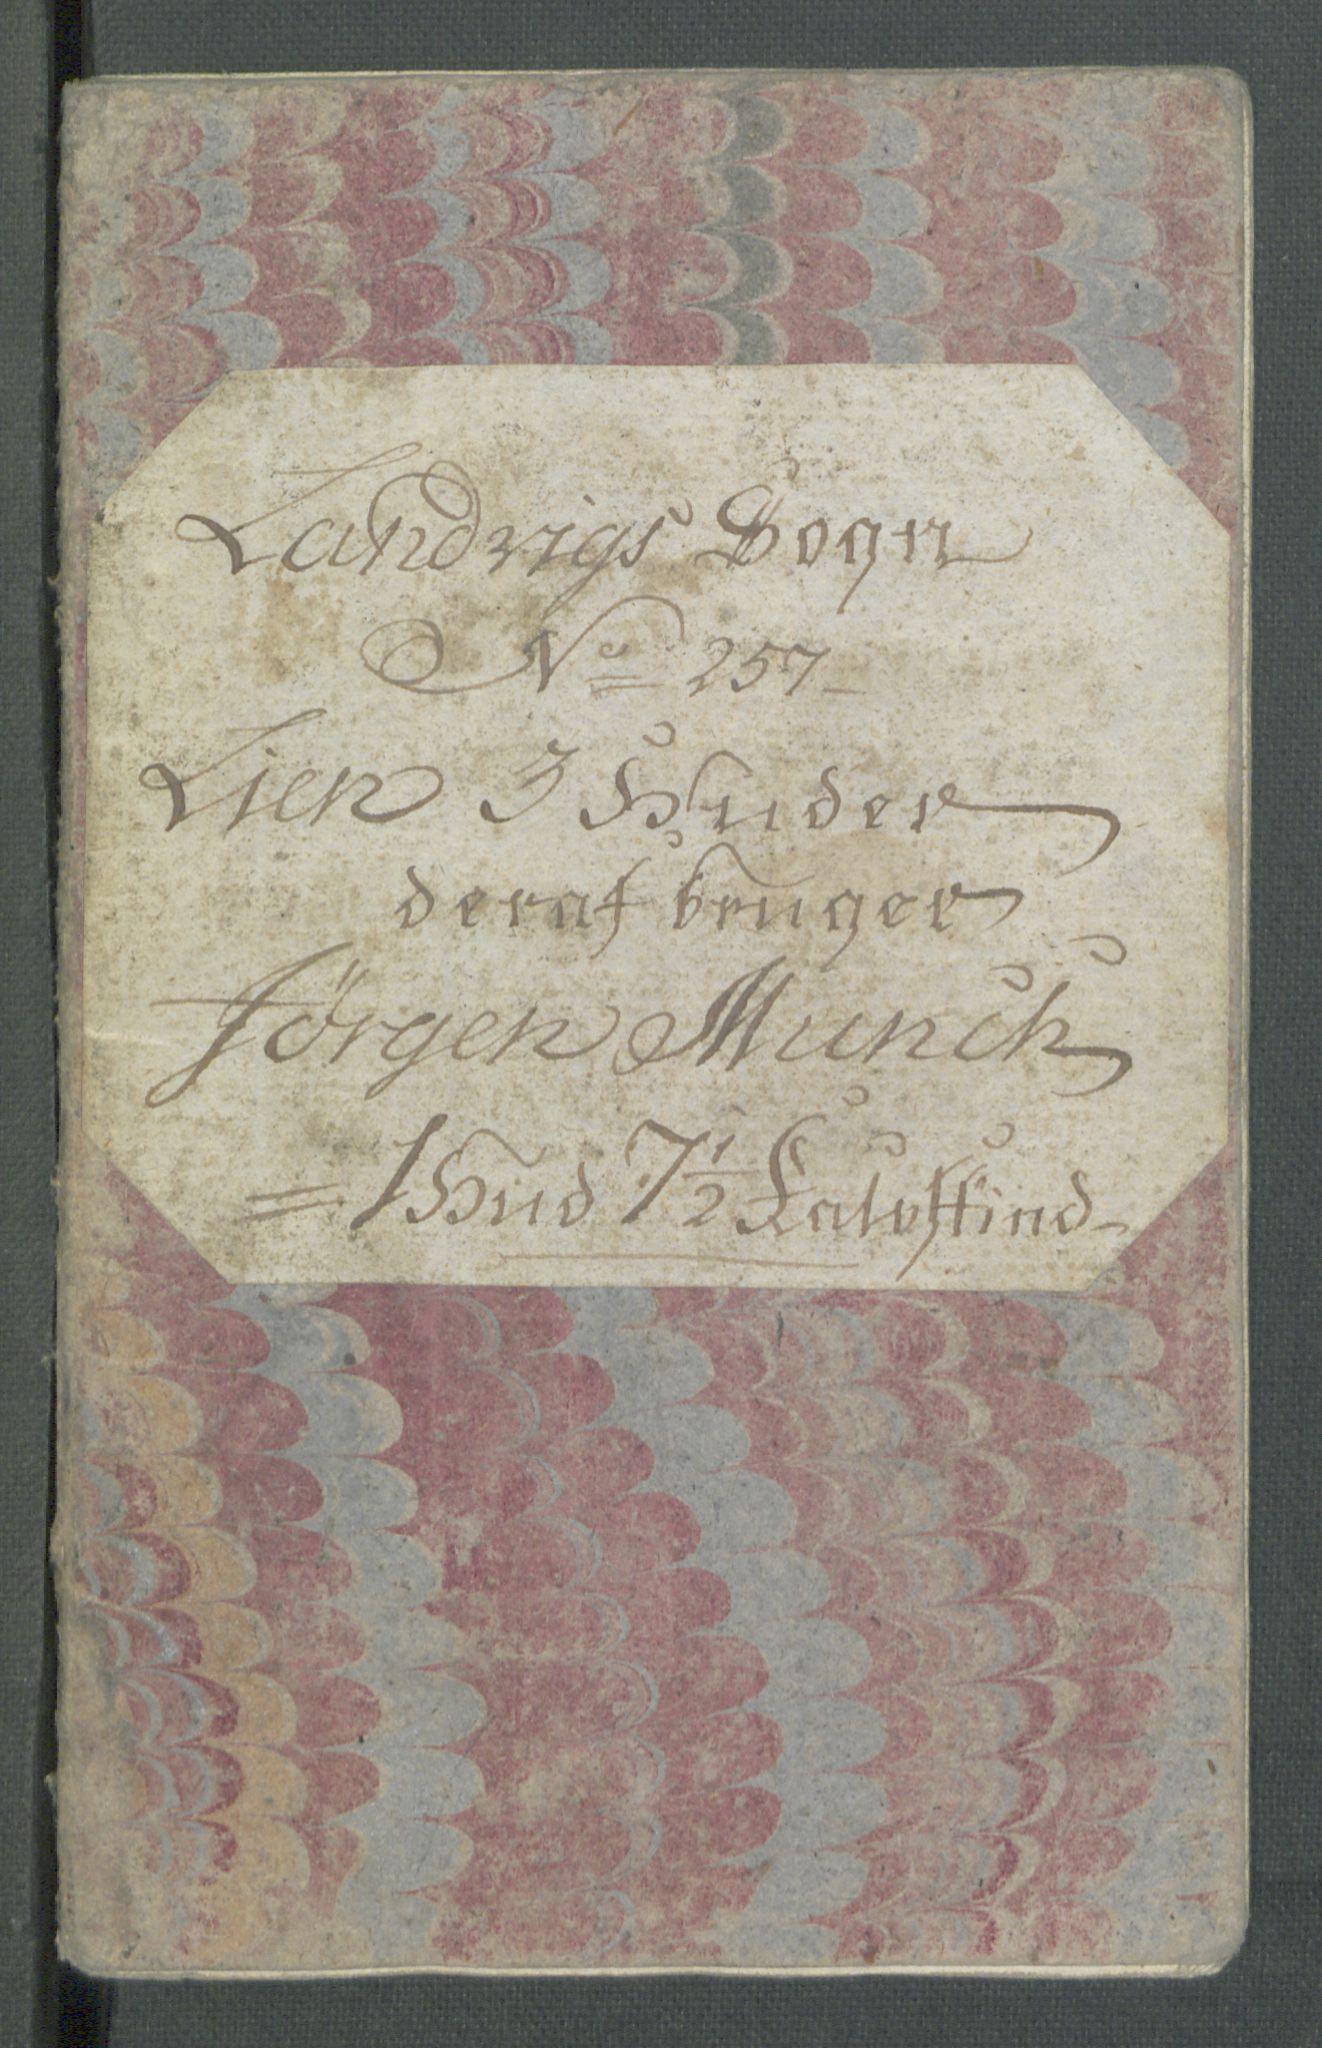 RA, Rentekammeret inntil 1814, Realistisk ordnet avdeling, Od/L0001: Oppløp, 1786-1769, s. 682